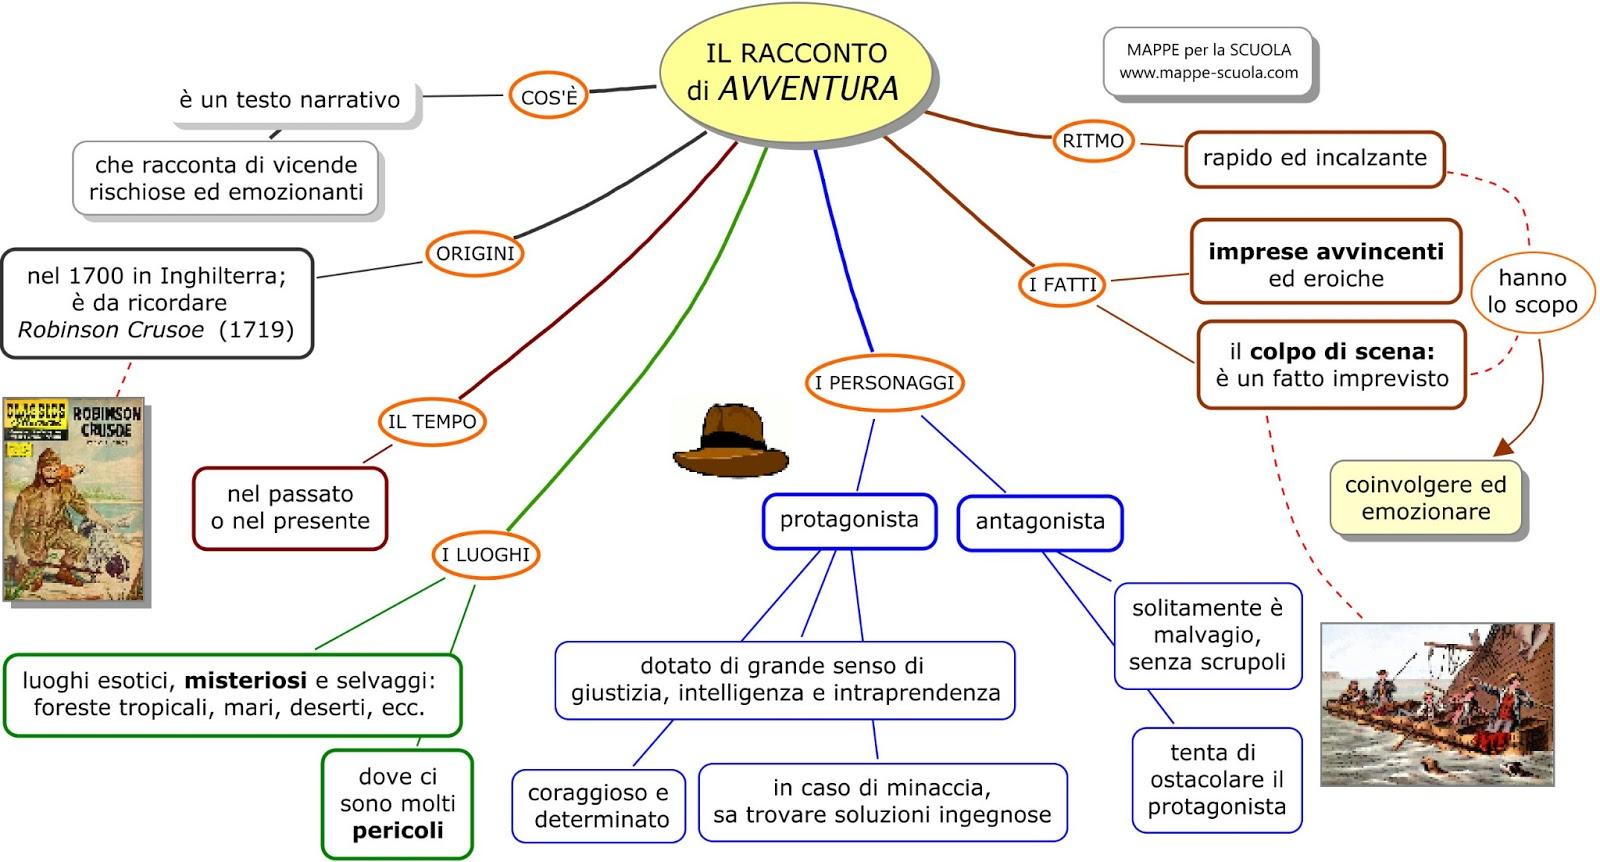 Sottogeneri Della Narrativa Blackboard Italiano Amp Storia